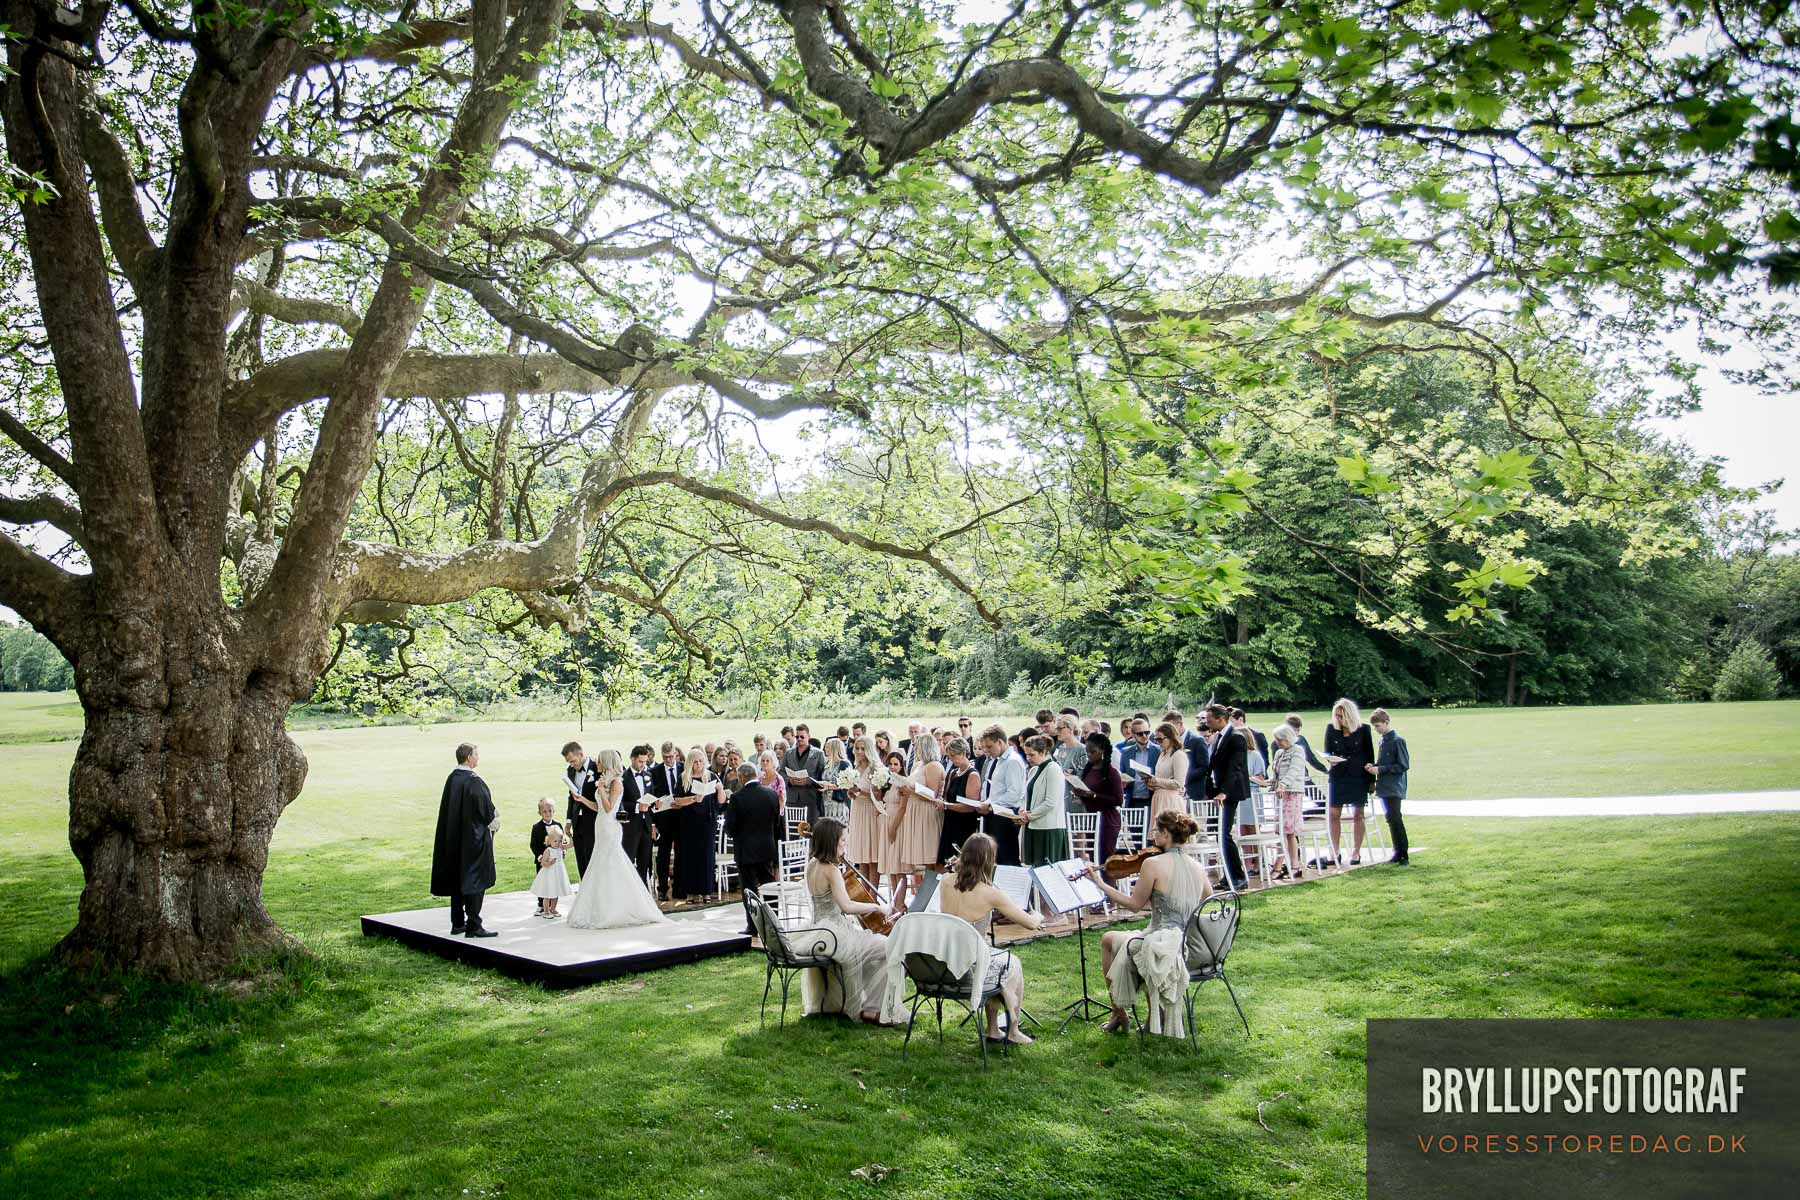 bryllup foto Roskilde